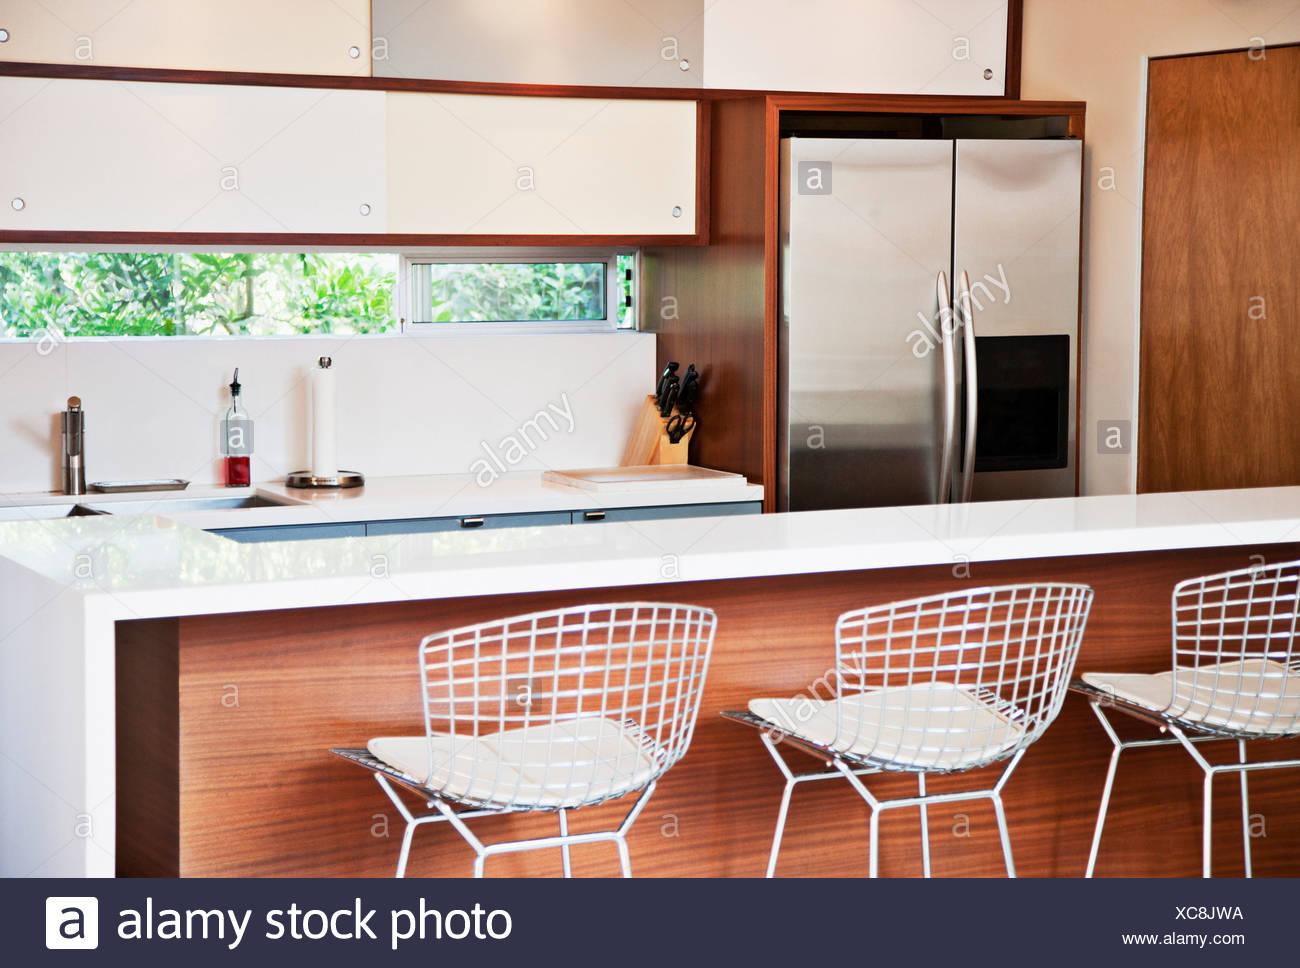 Hocker Und Frühstücksbar In Modernen Küche Stockfoto, Bild .